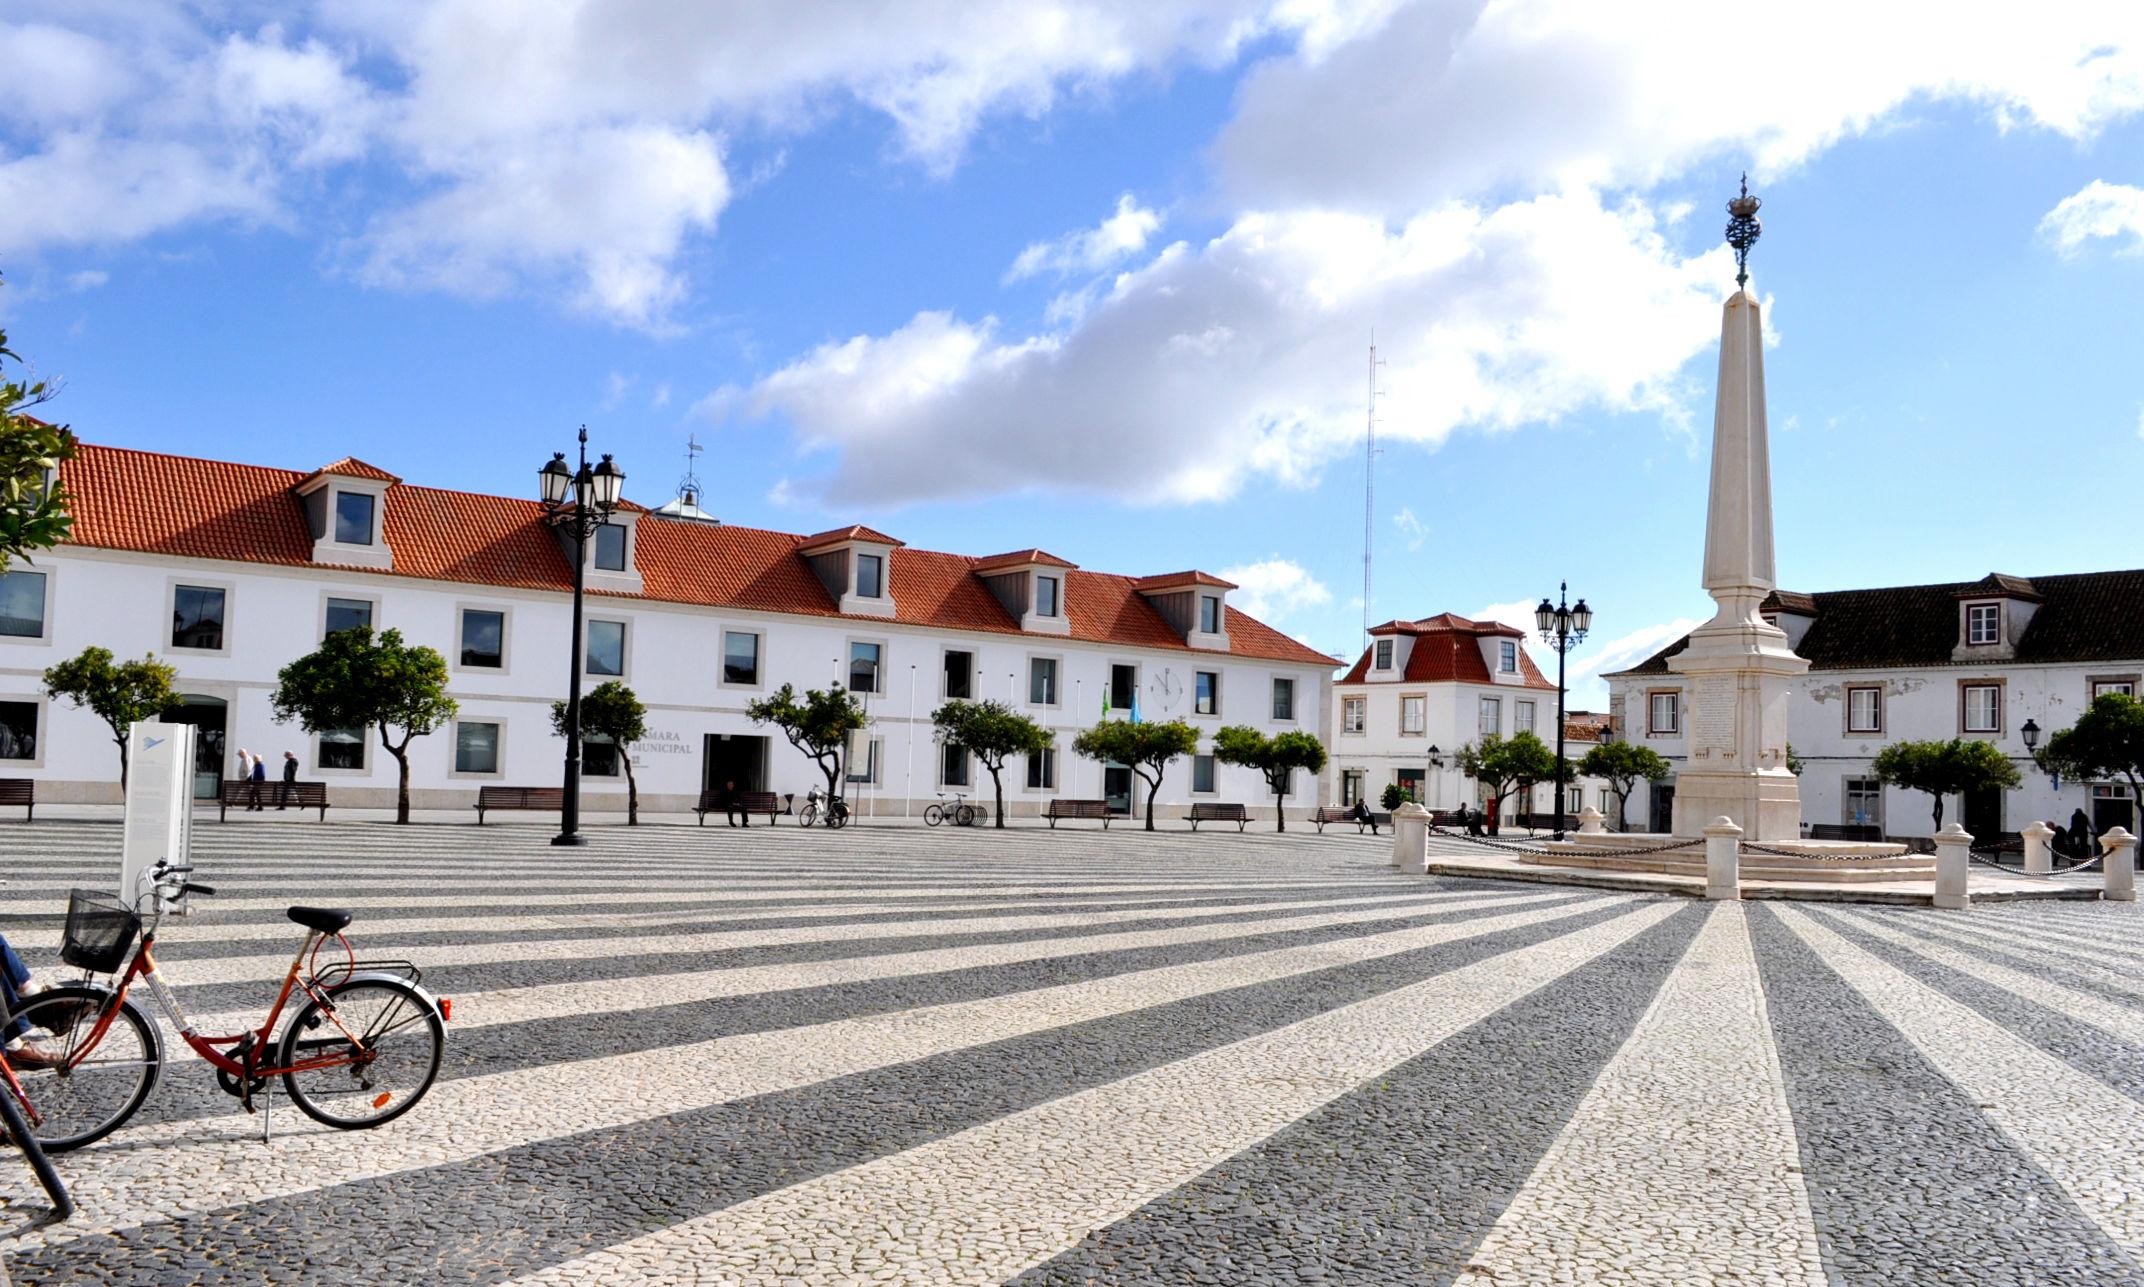 Mulheres Solitárias No Vila Real De Santo António-356